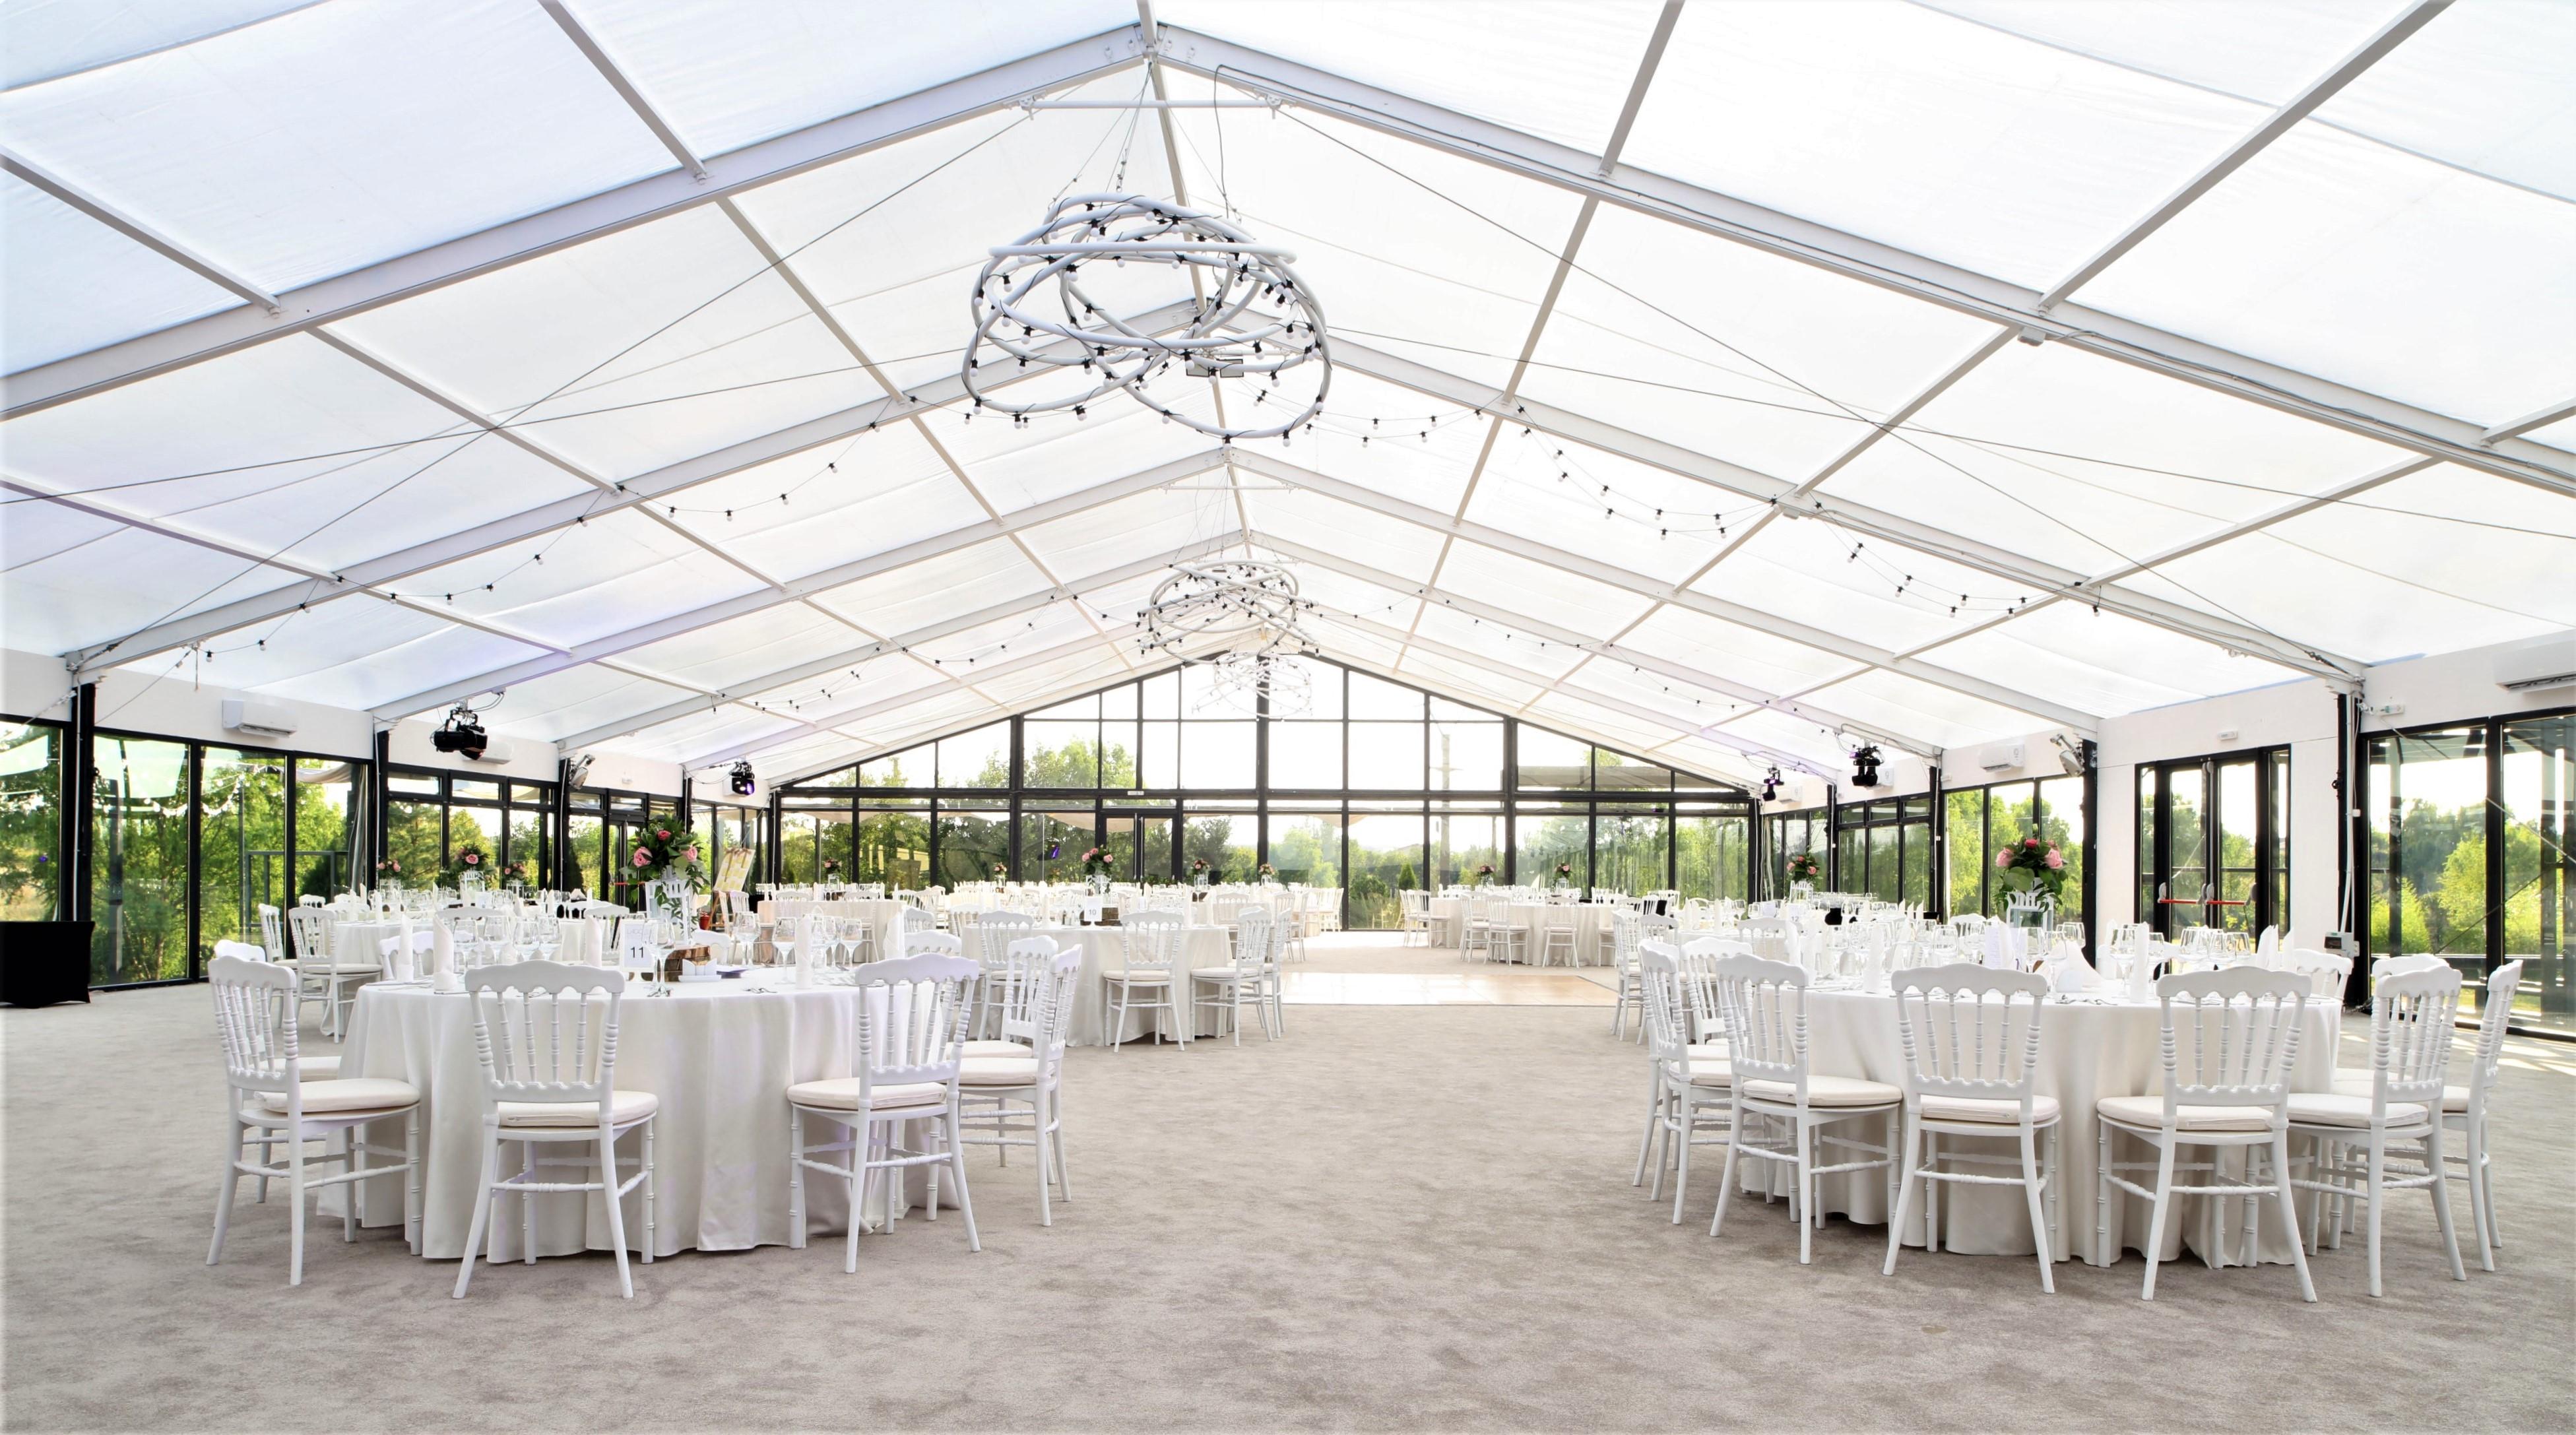 Cele mai frumoase locatii pentru nunta in aer liber in 2020. Lagoo Snagov